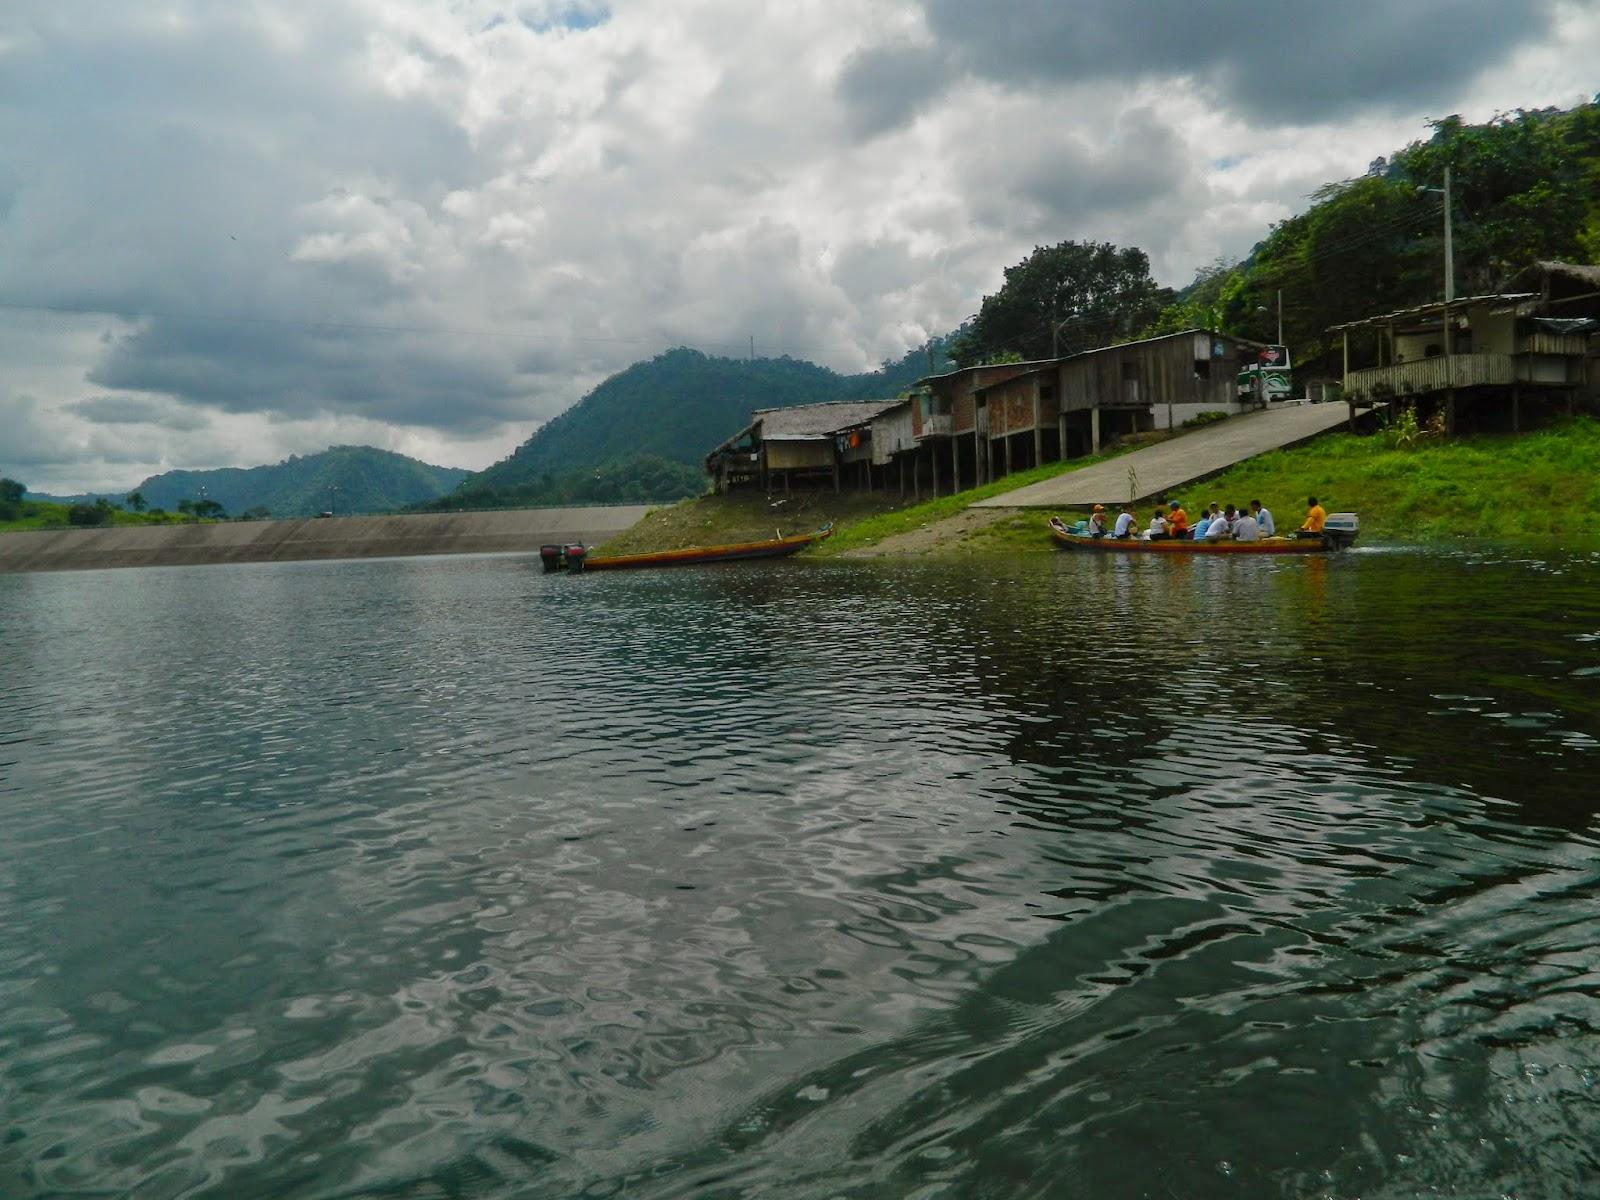 The lake Poza Honda near to Santa Ana Sucre